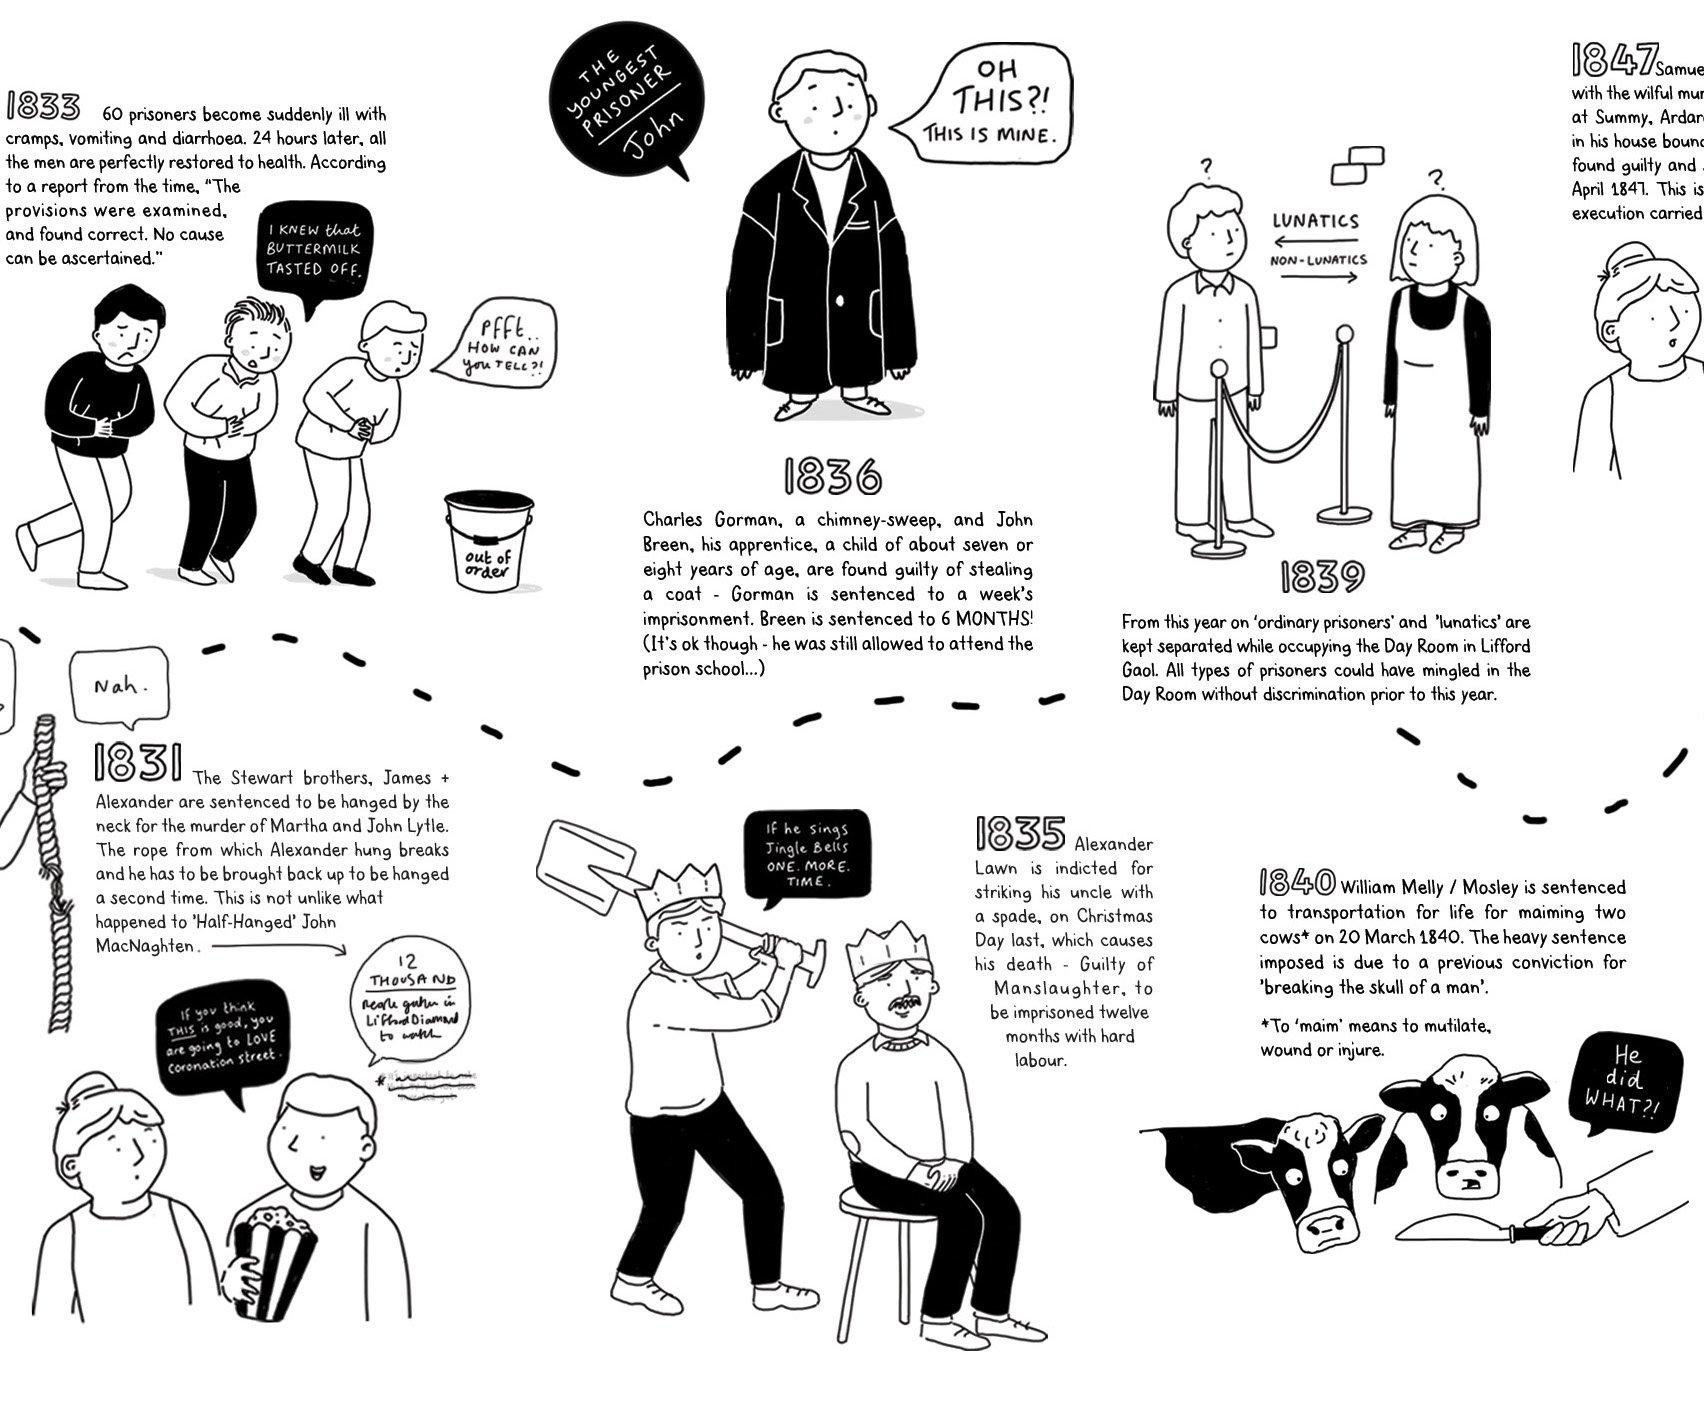 mural-childrens-history-illustration-ruth-graham-design-illustrator